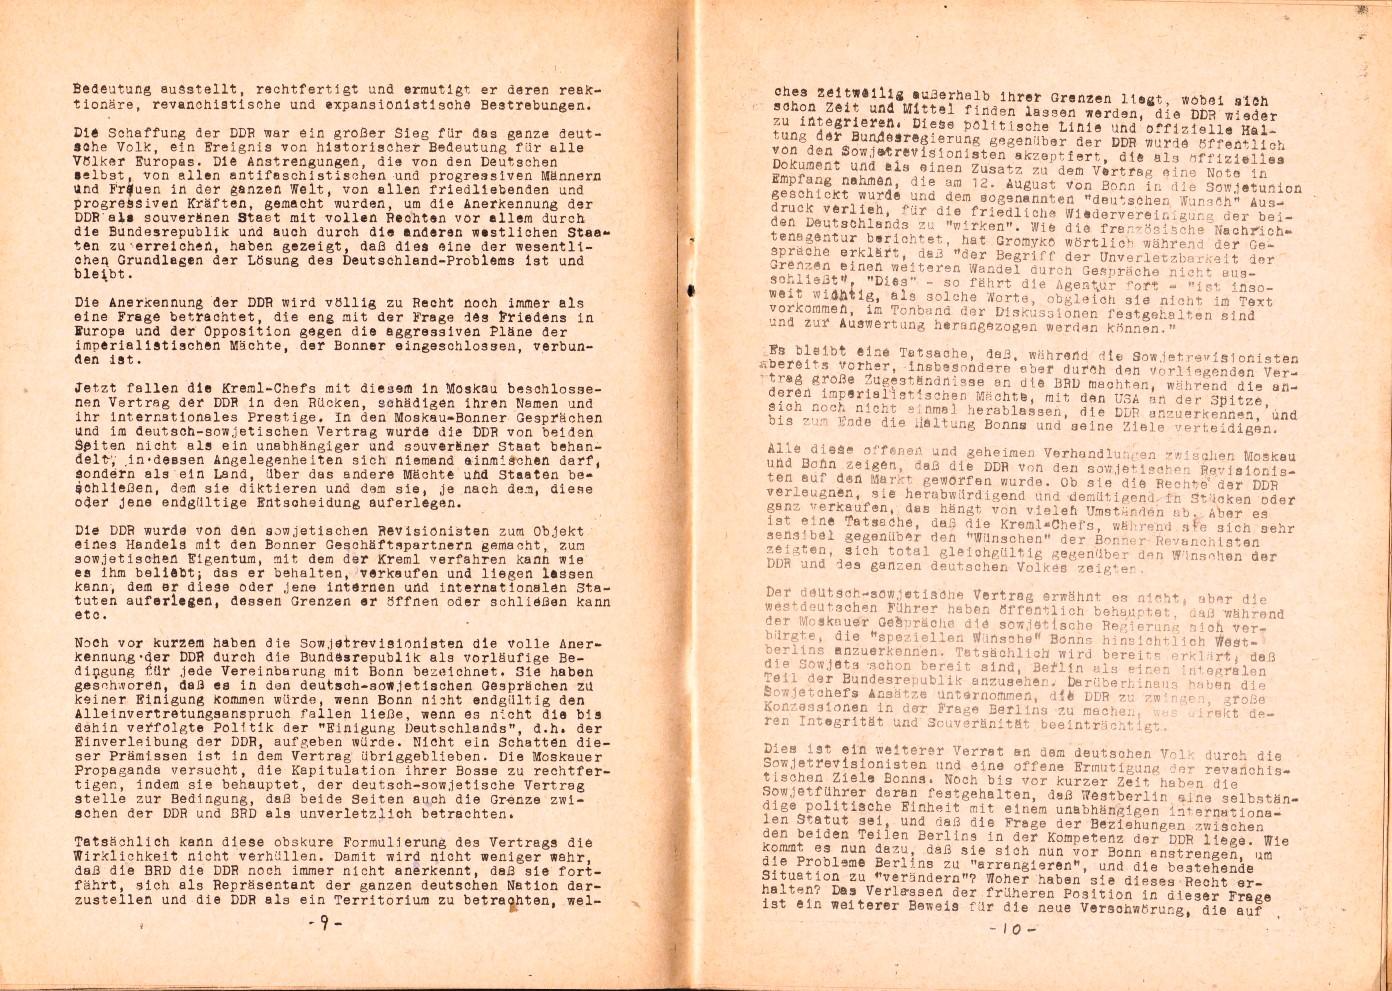 KPDML_1970_Der_sowjetisch_westdeutsche_Vertrag_08